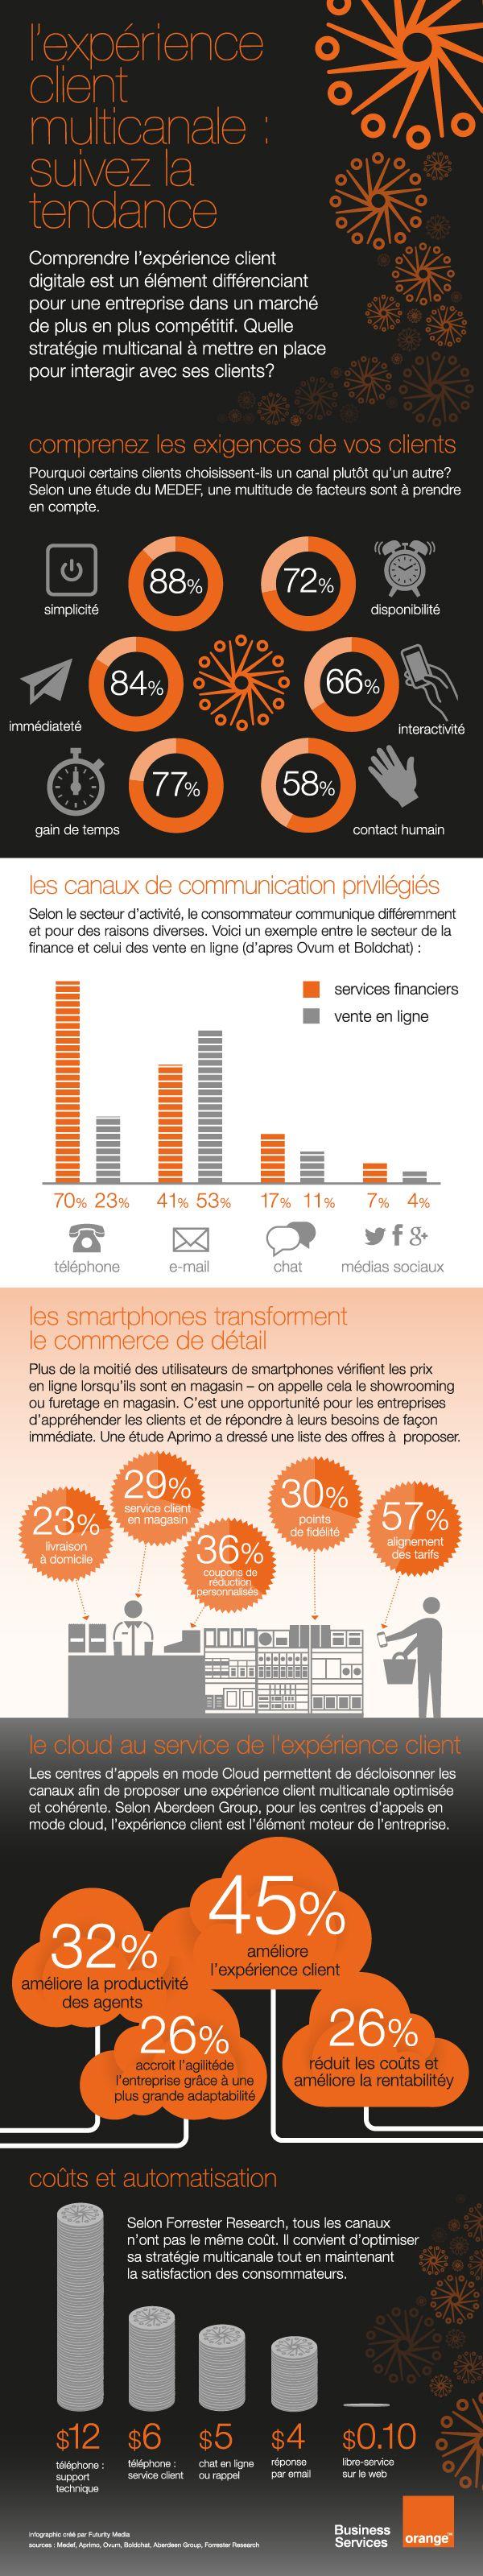 Infographie Les tendances de l'expérience client Omni